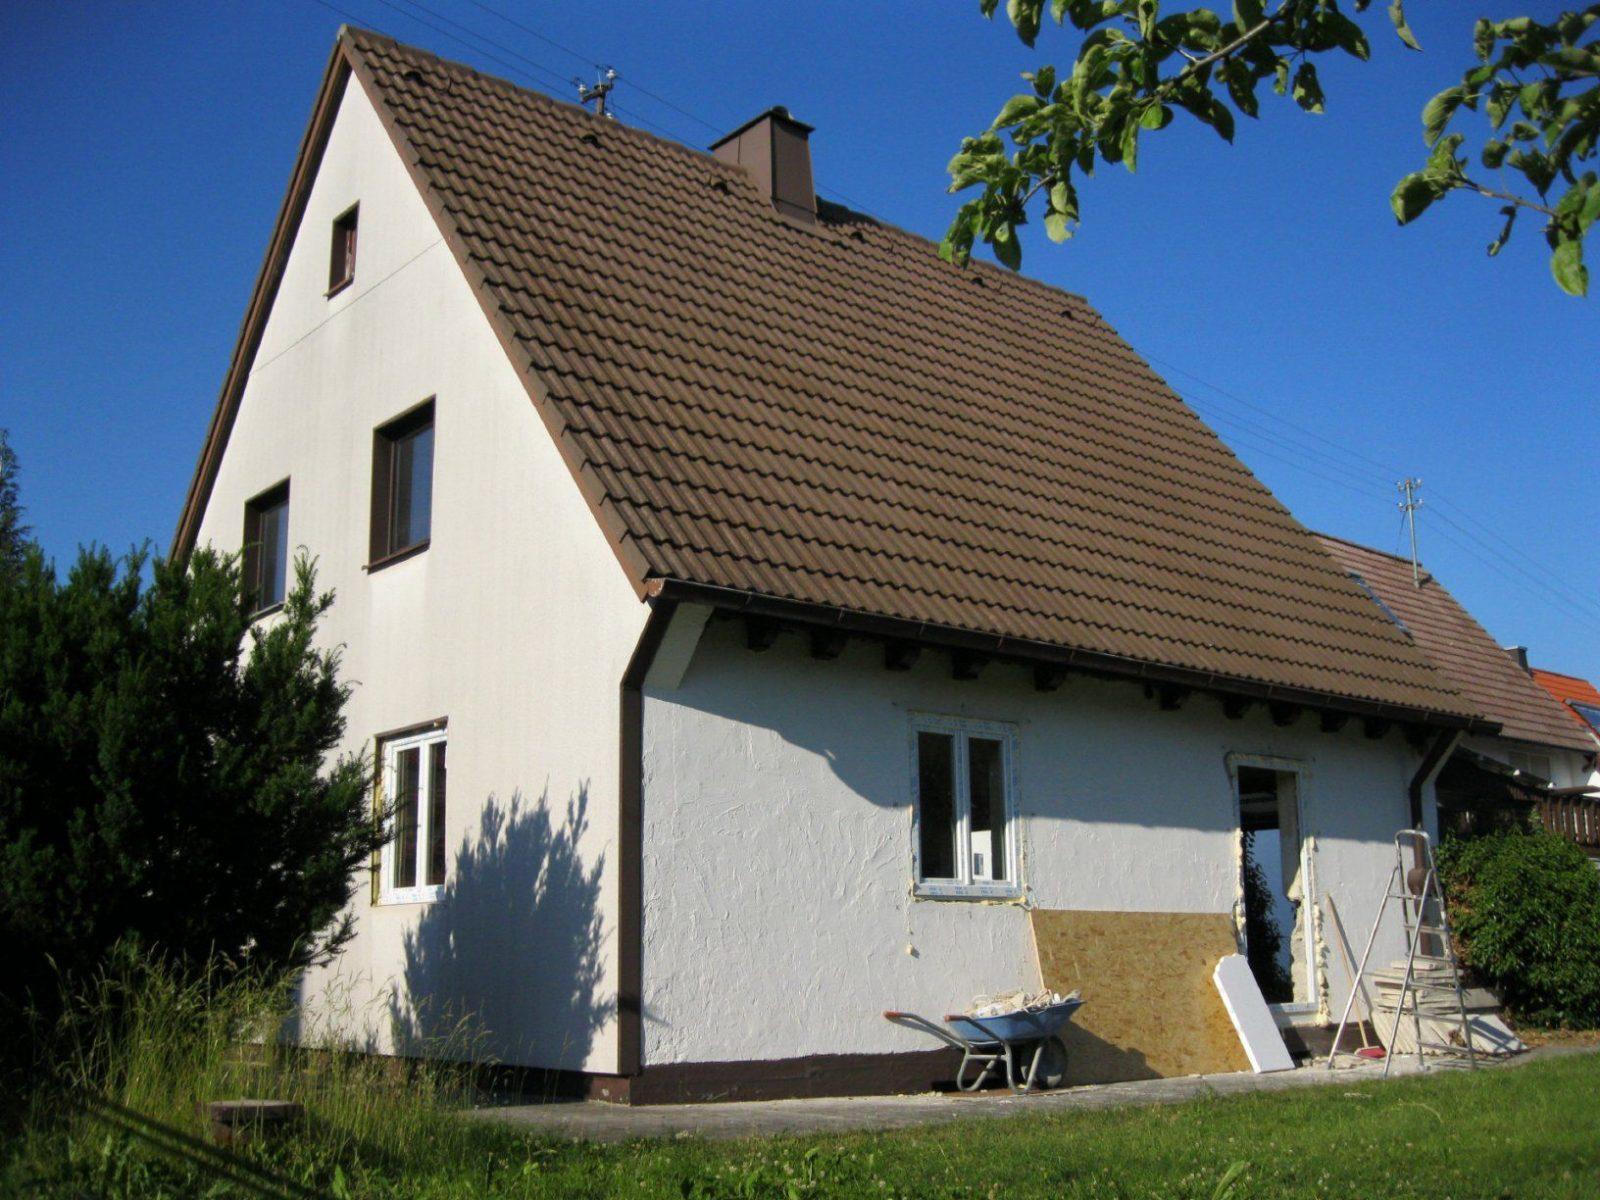 Wunderbar Haus Renovieren Vorher Nachher 43 Hã User Vorher Nachher von Häuser Renovieren Vorher Nachher Photo